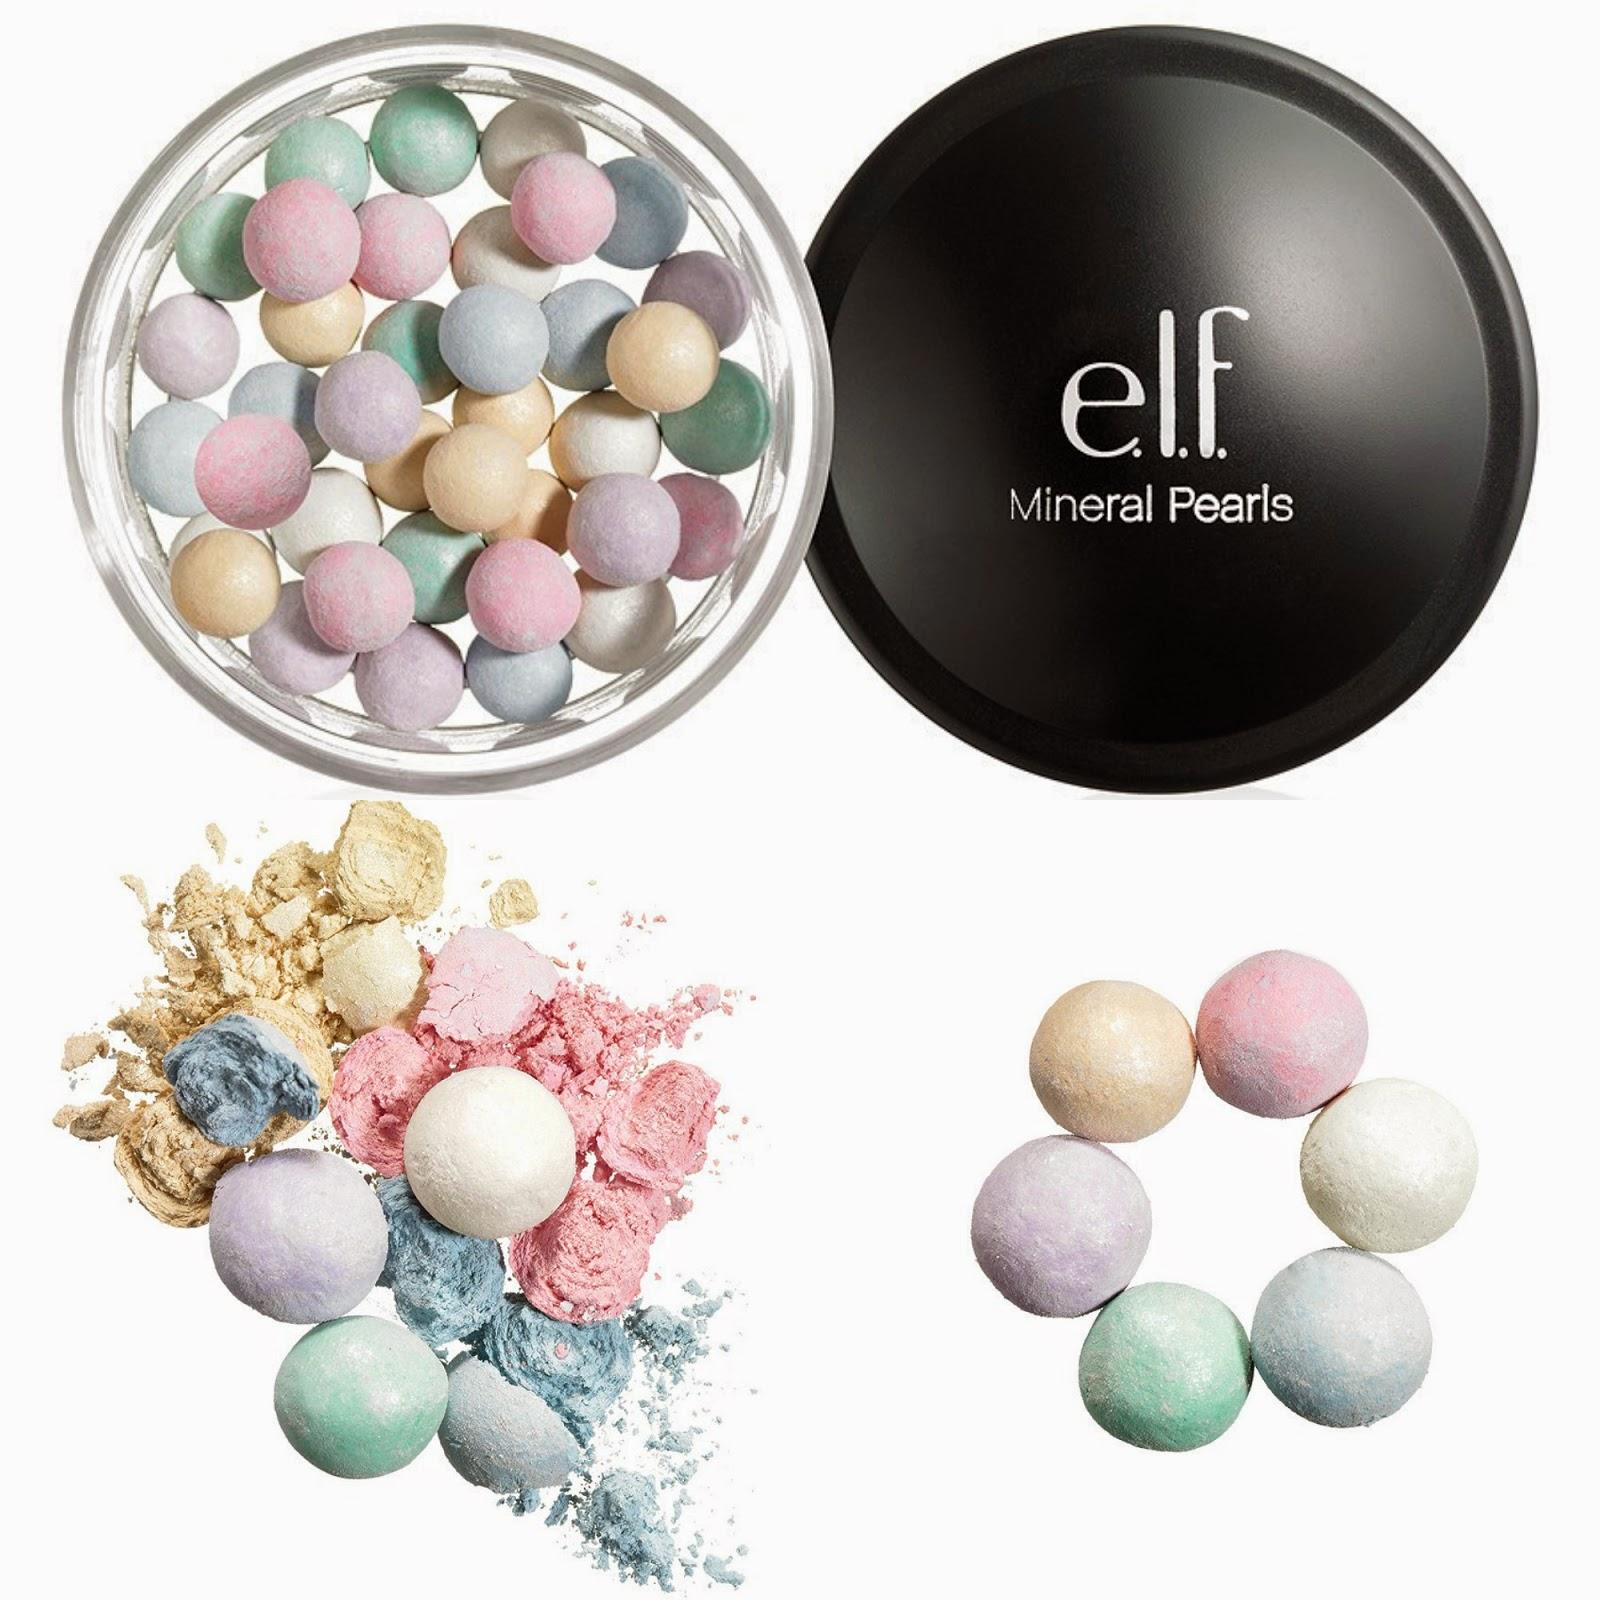 e.l.f Mineral Pearls Skin Balancing